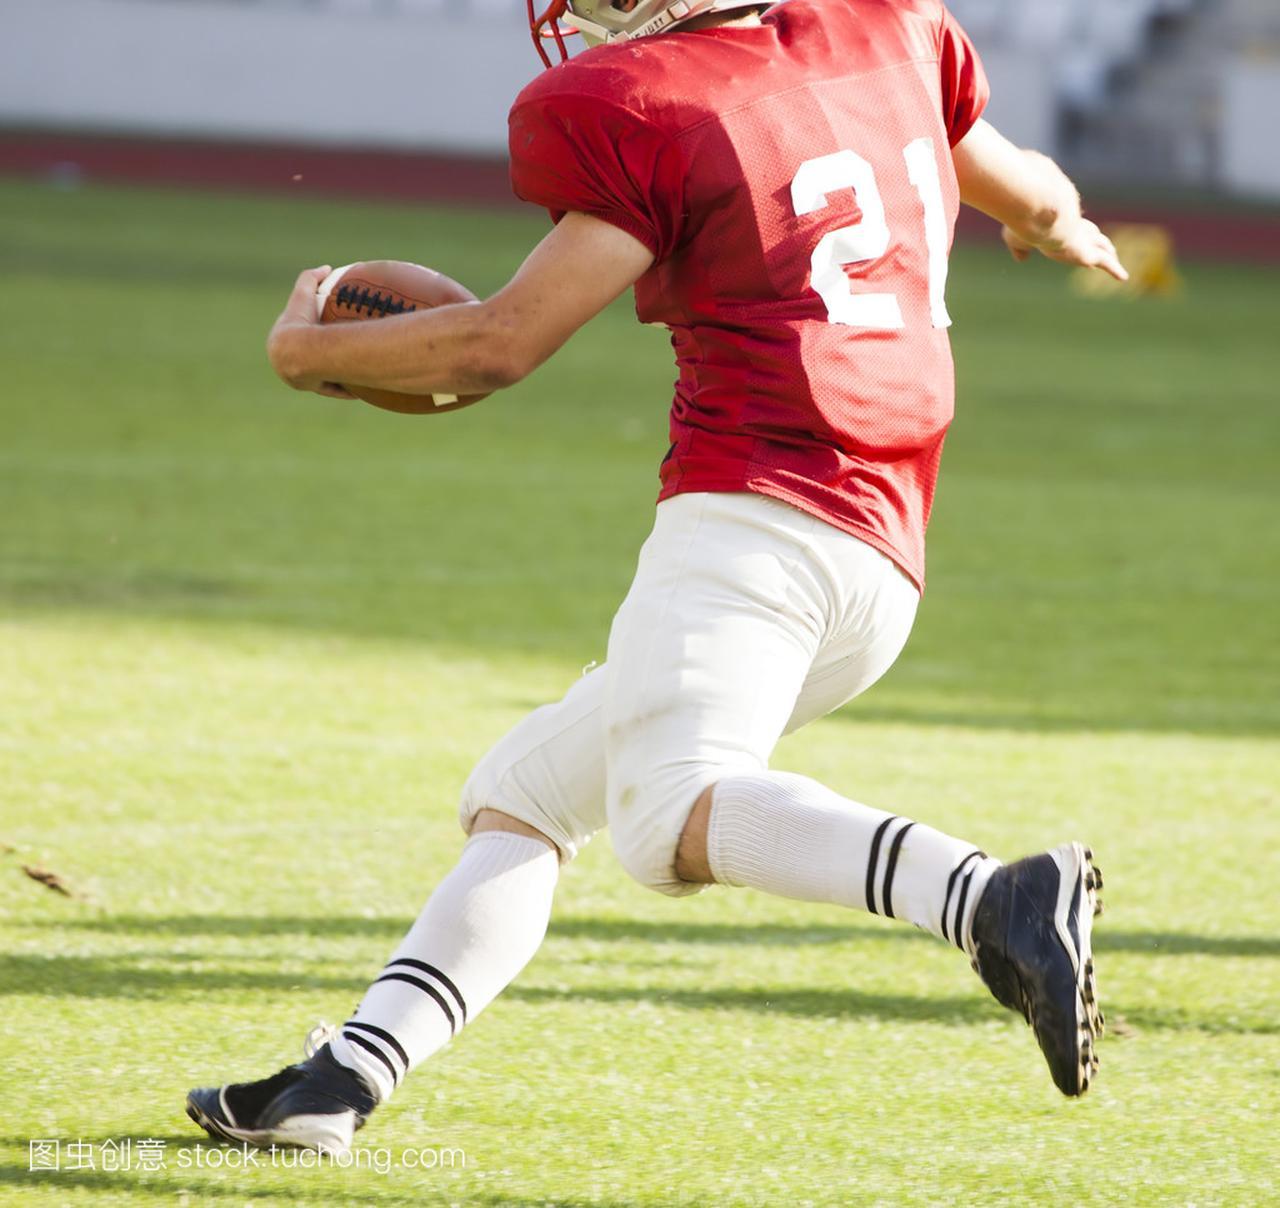 美式足球球员带球跑